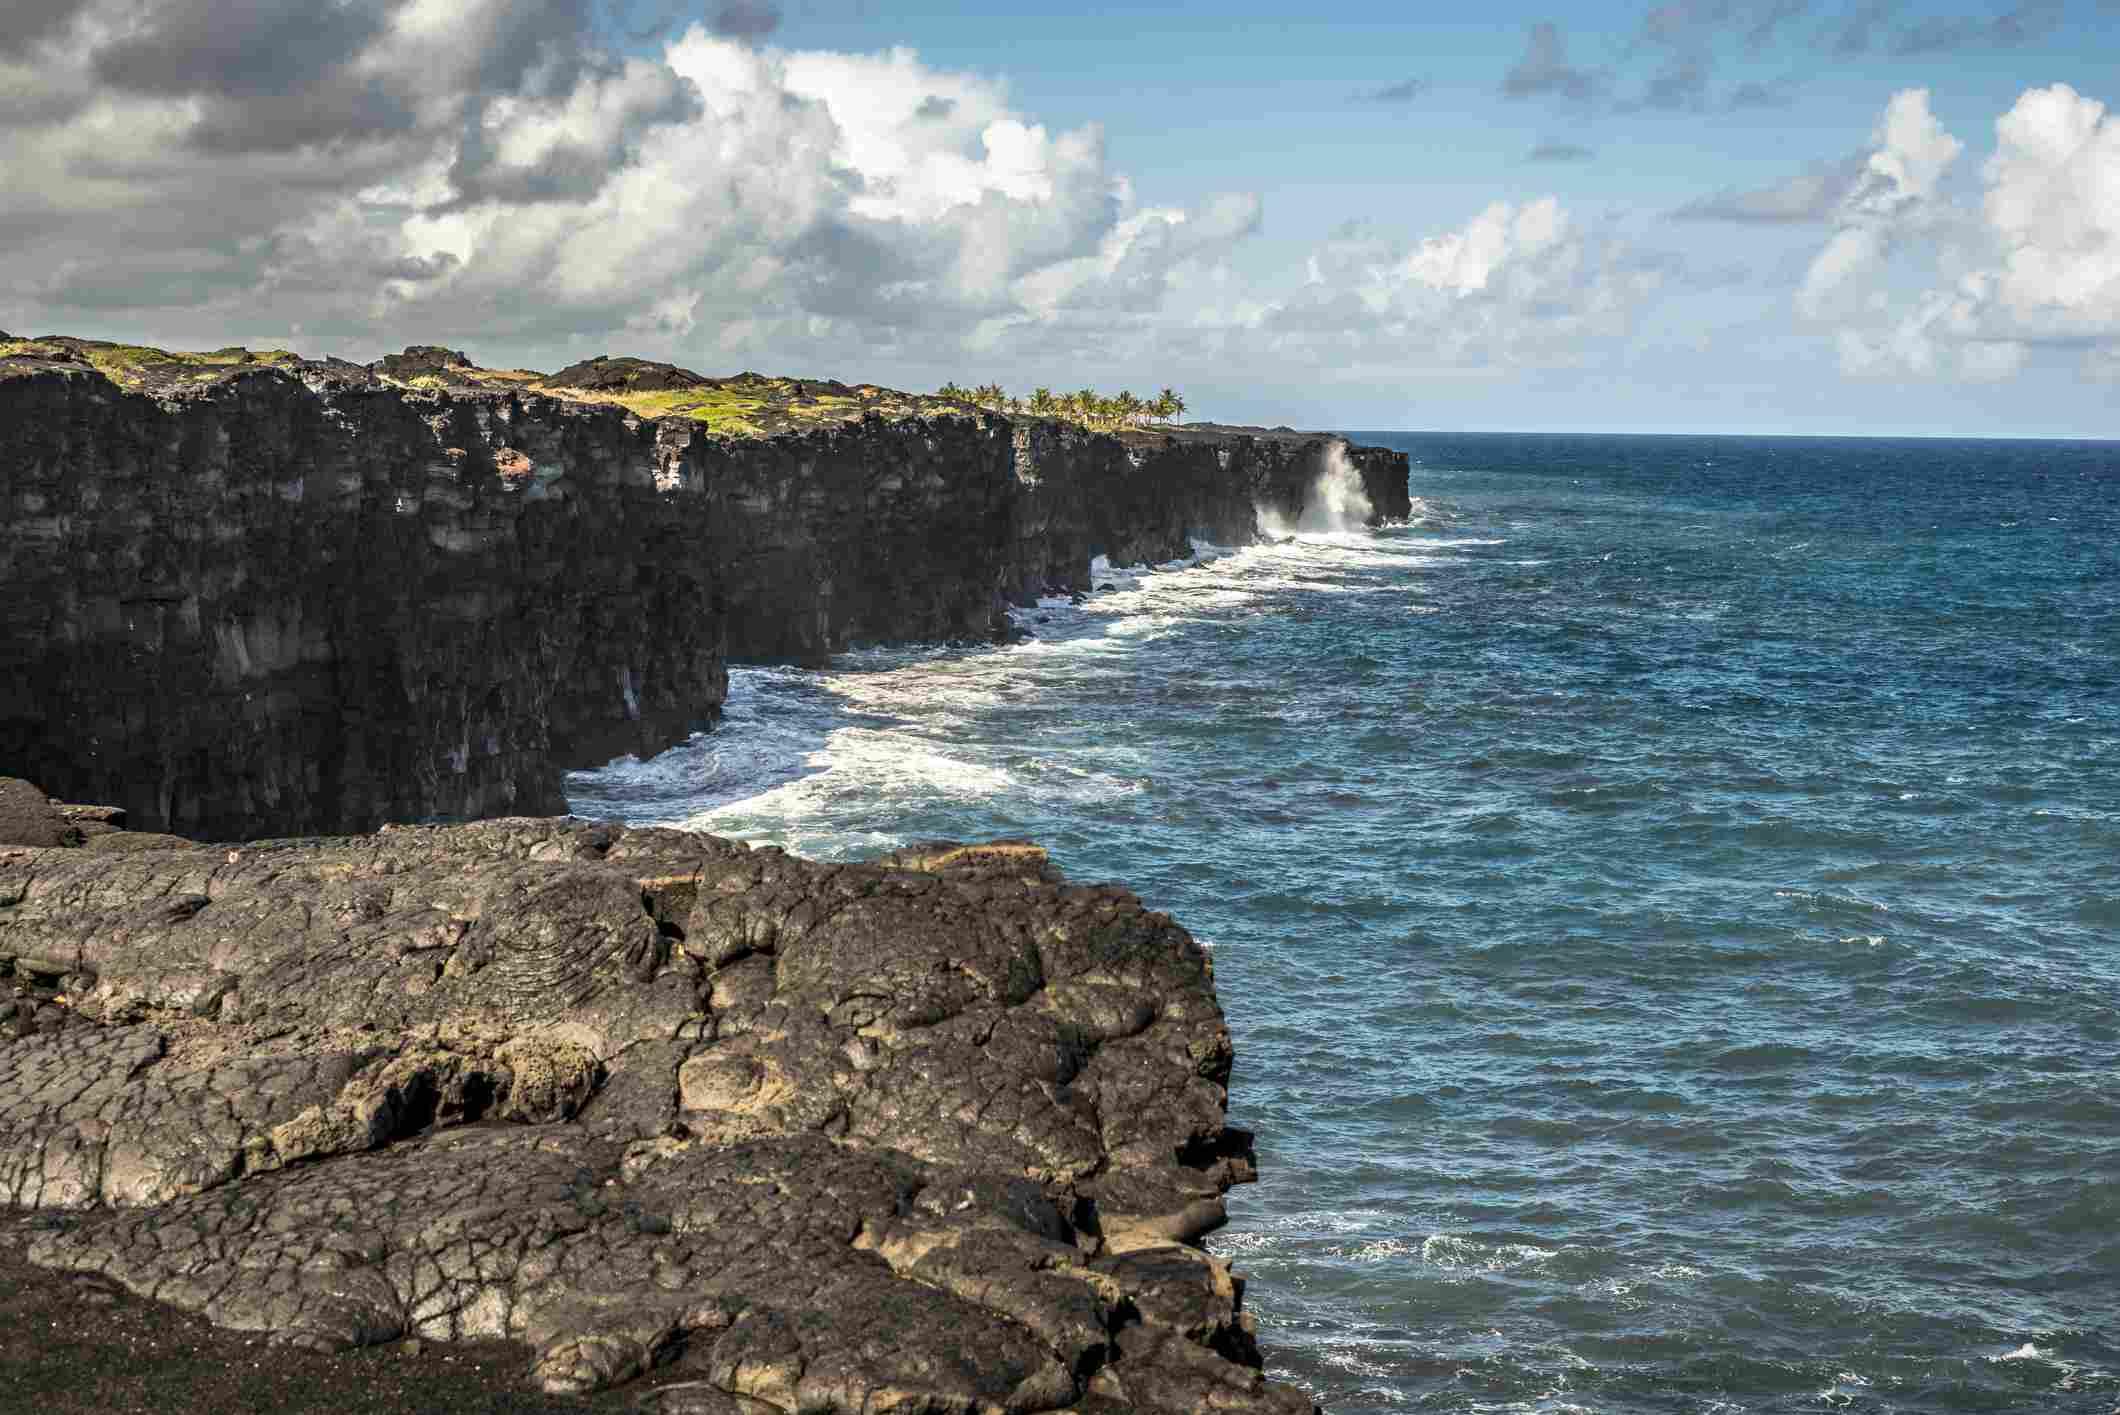 Puna Coast, Hawaii